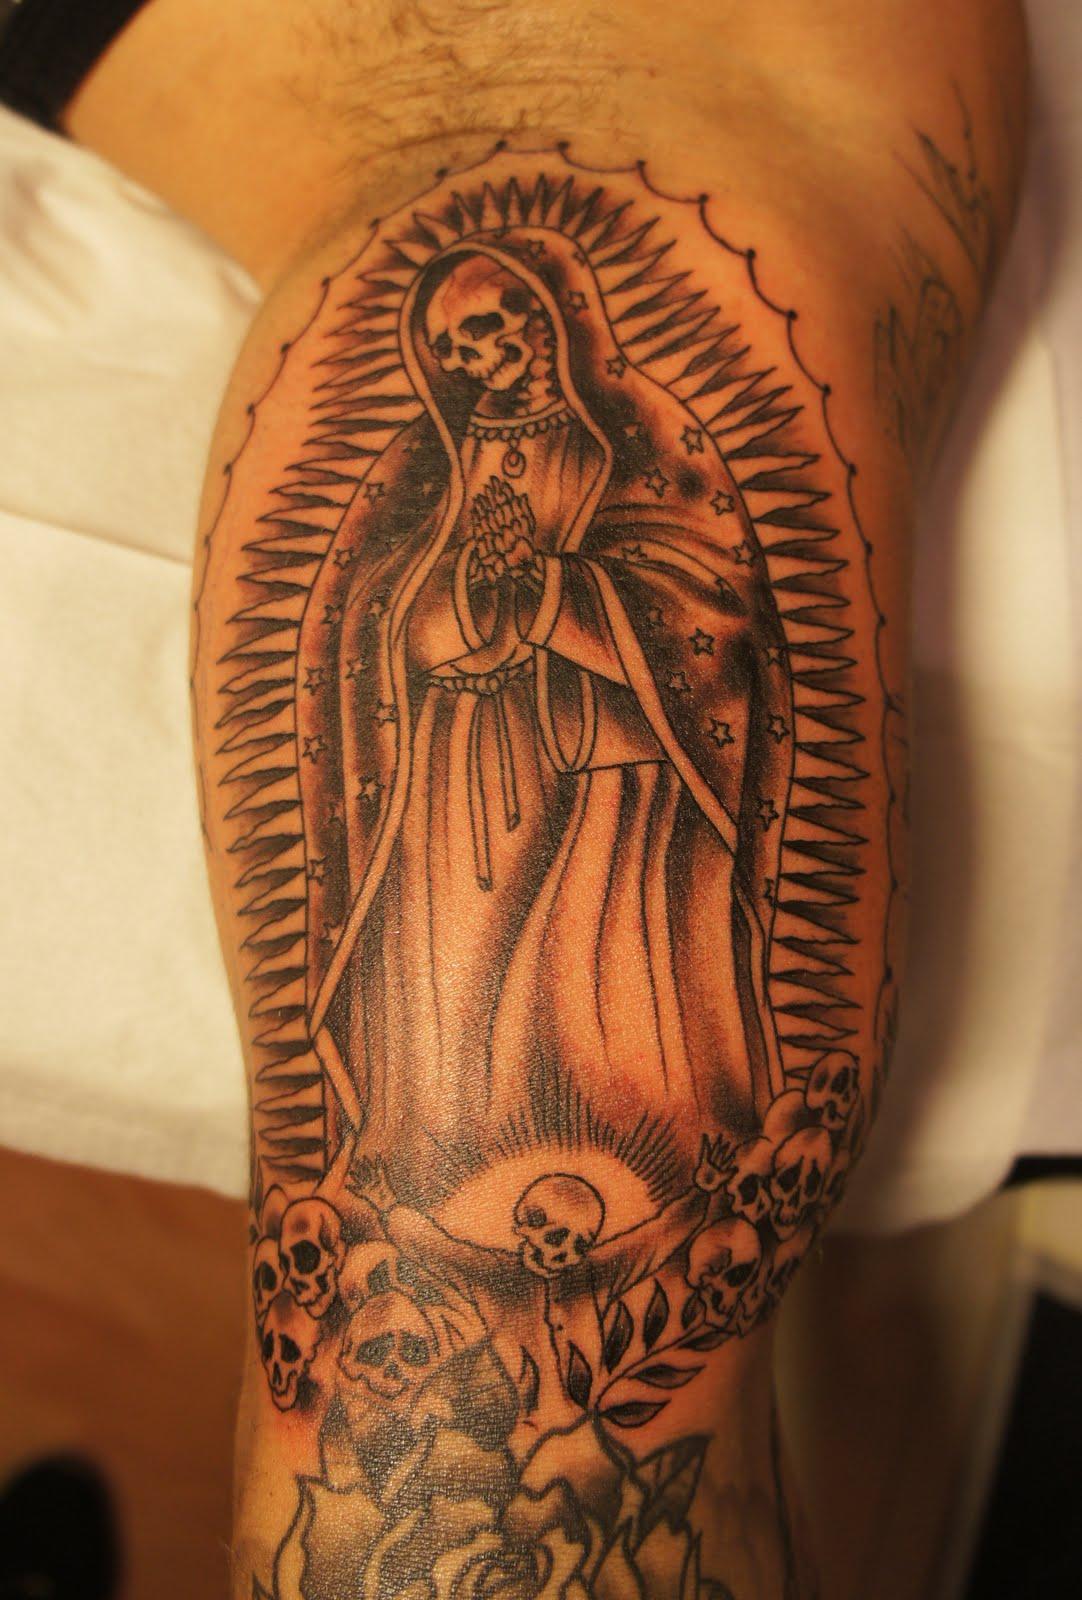 The Sacred Saint Mary Skeleton Tattoo Design Art Skull Tattoos Tattoomagz Tattoo Designs